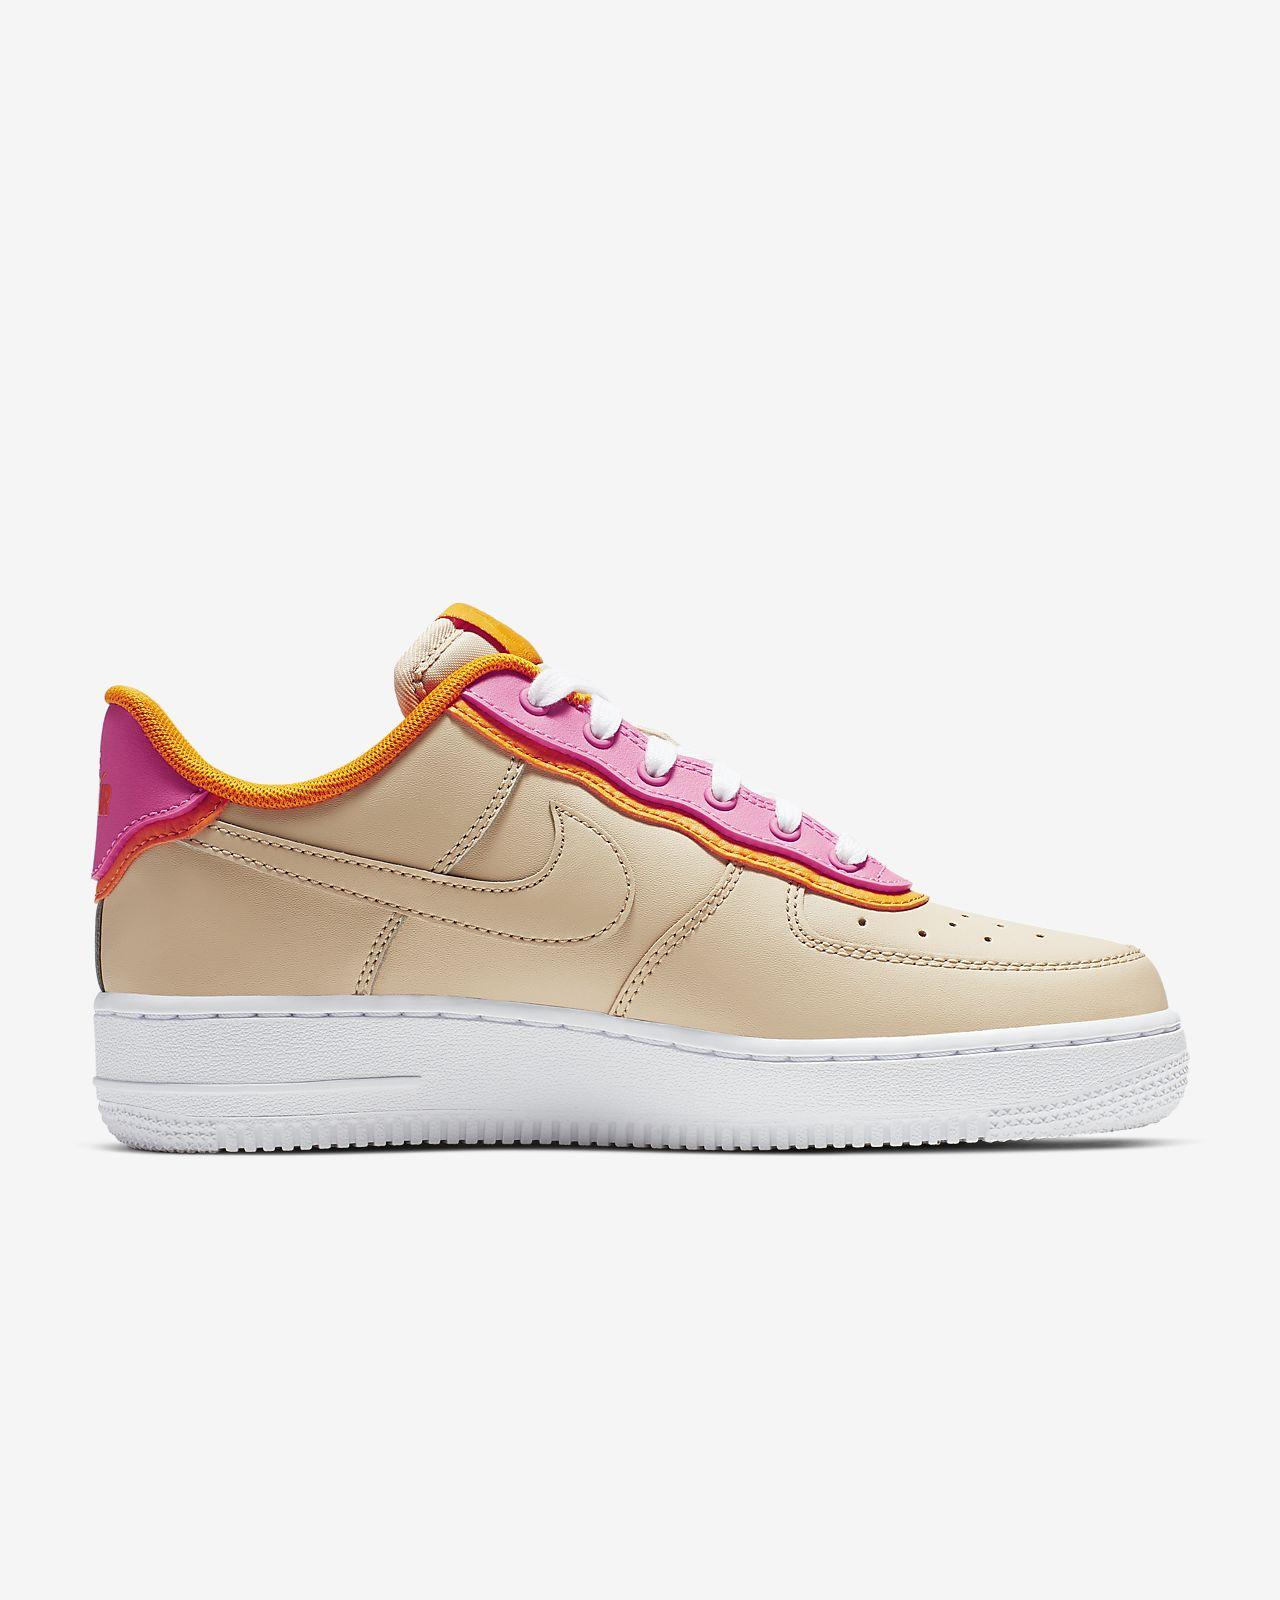 free shipping e9e18 553b0 ... Nike Air Force 1  07 SE Women s Shoe